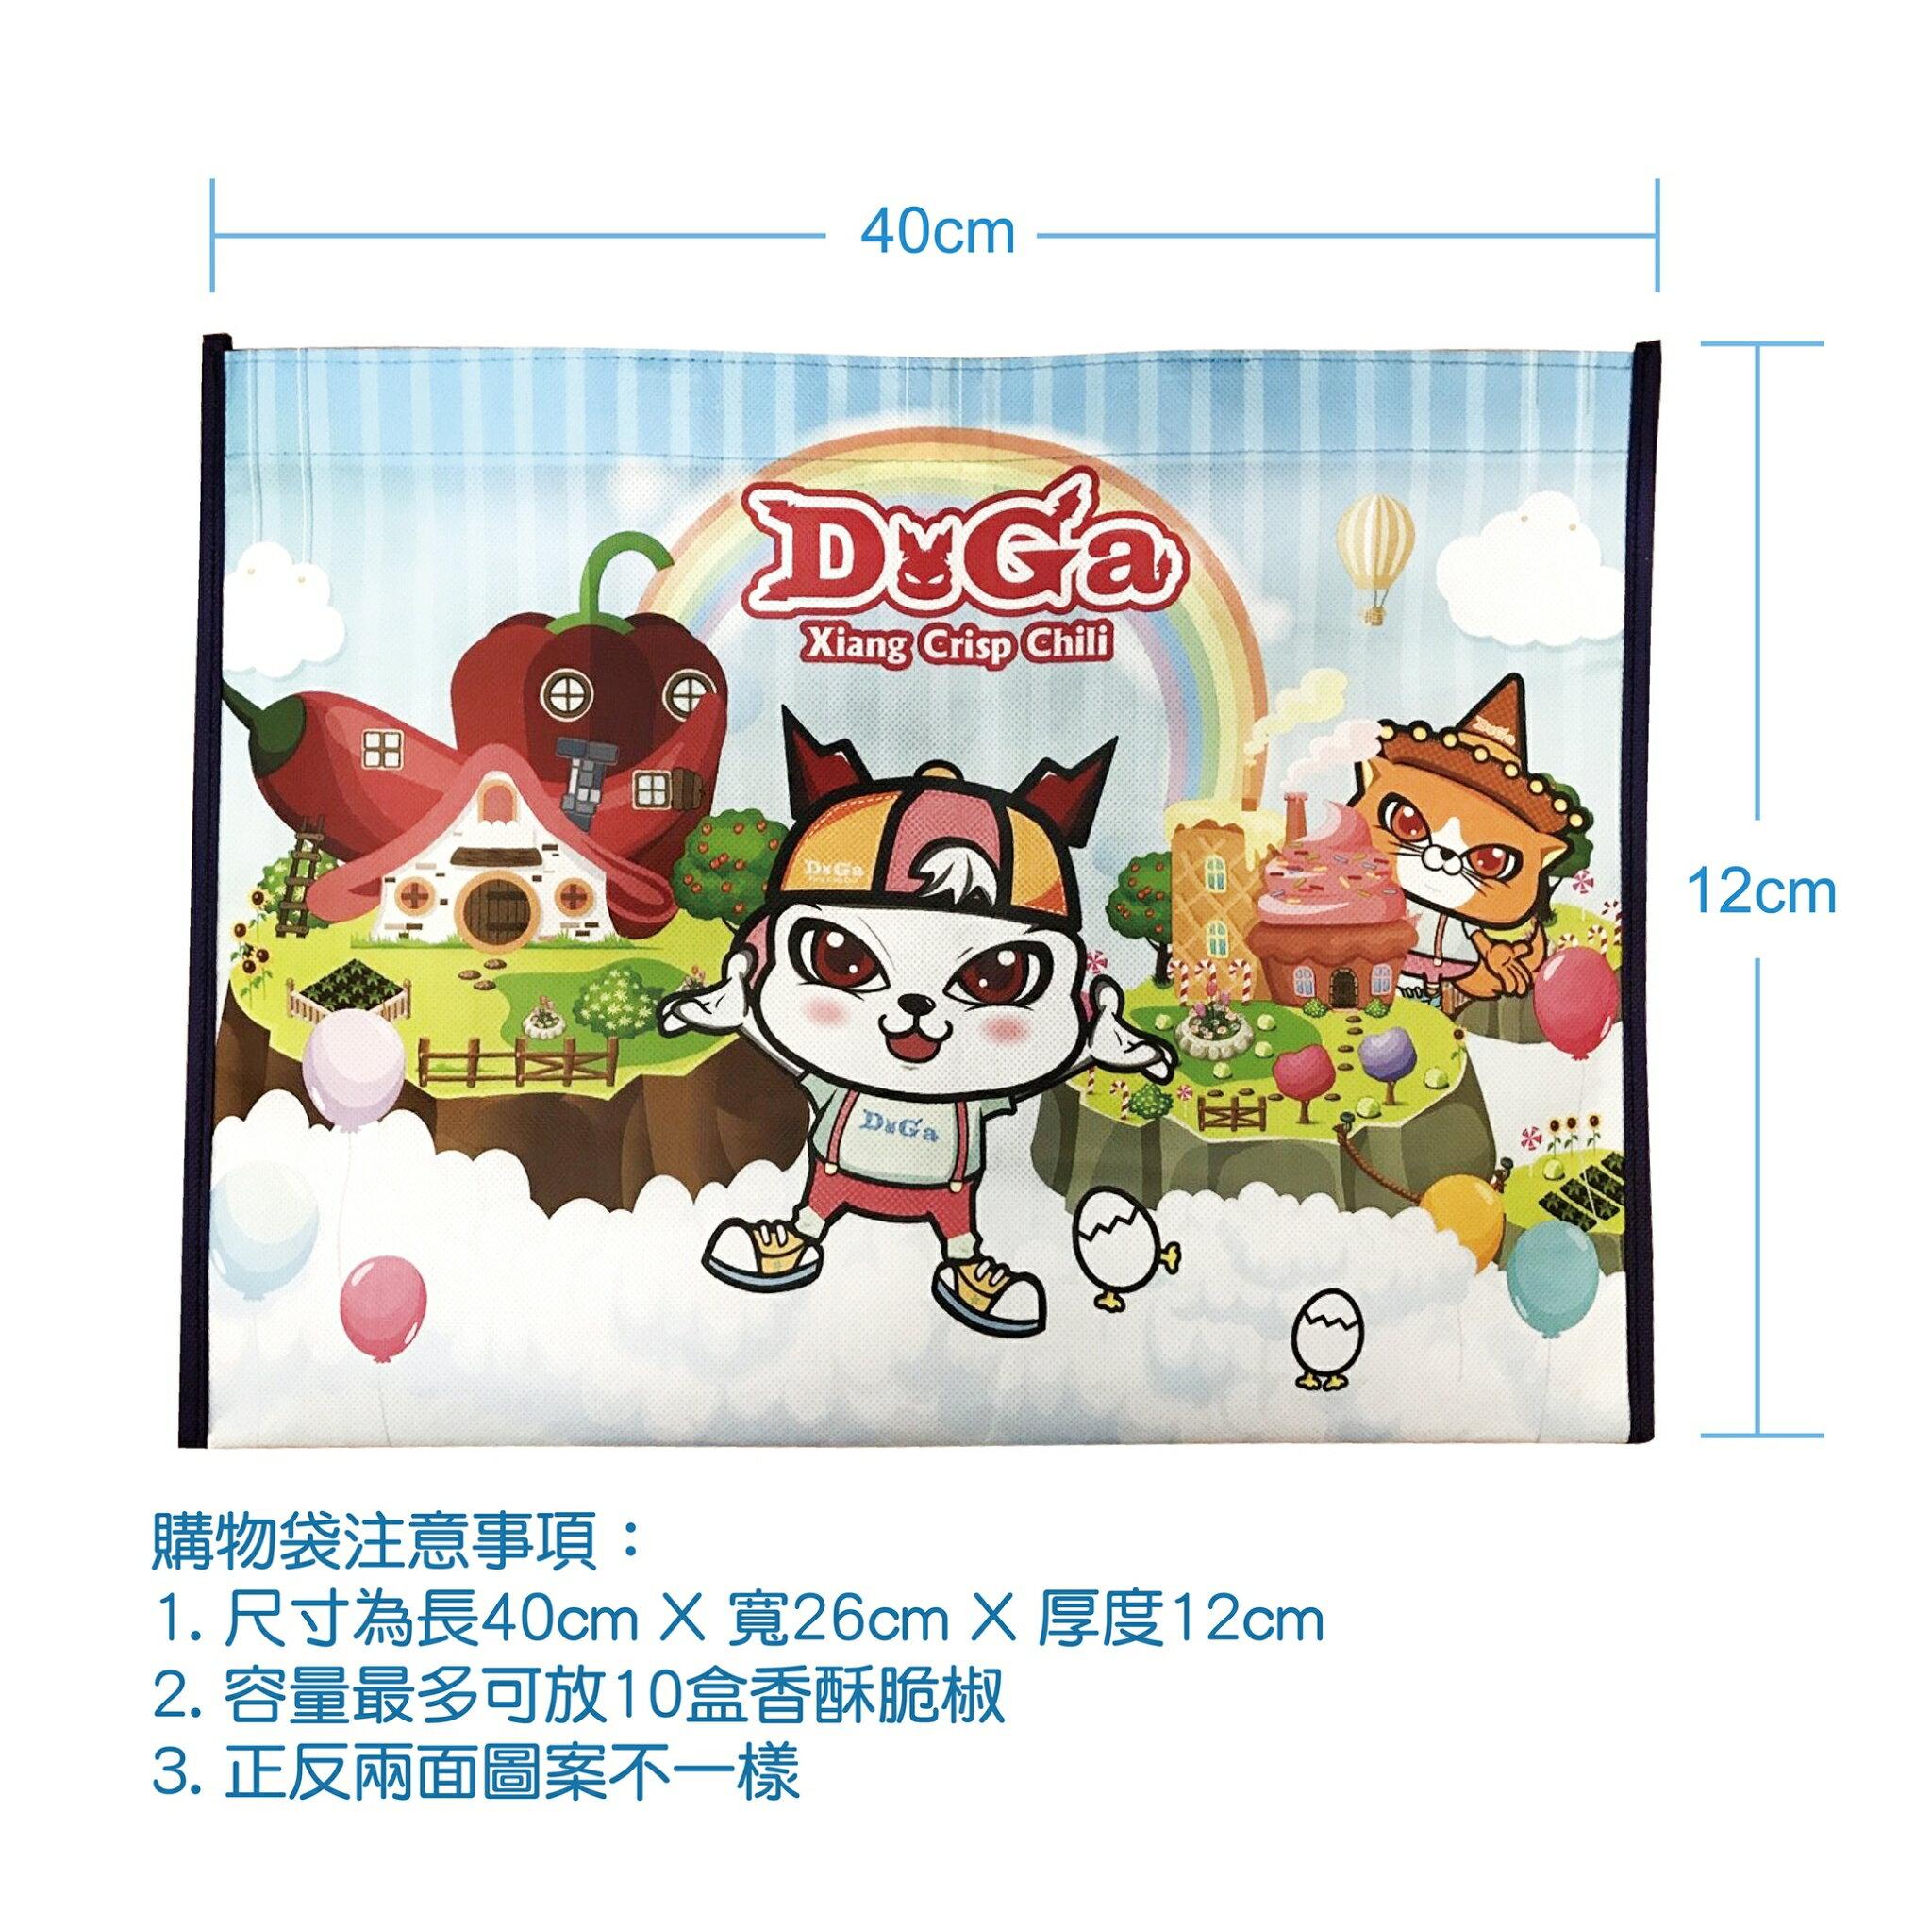 【DoGa香酥脆椒★島嶼風購物袋】 2